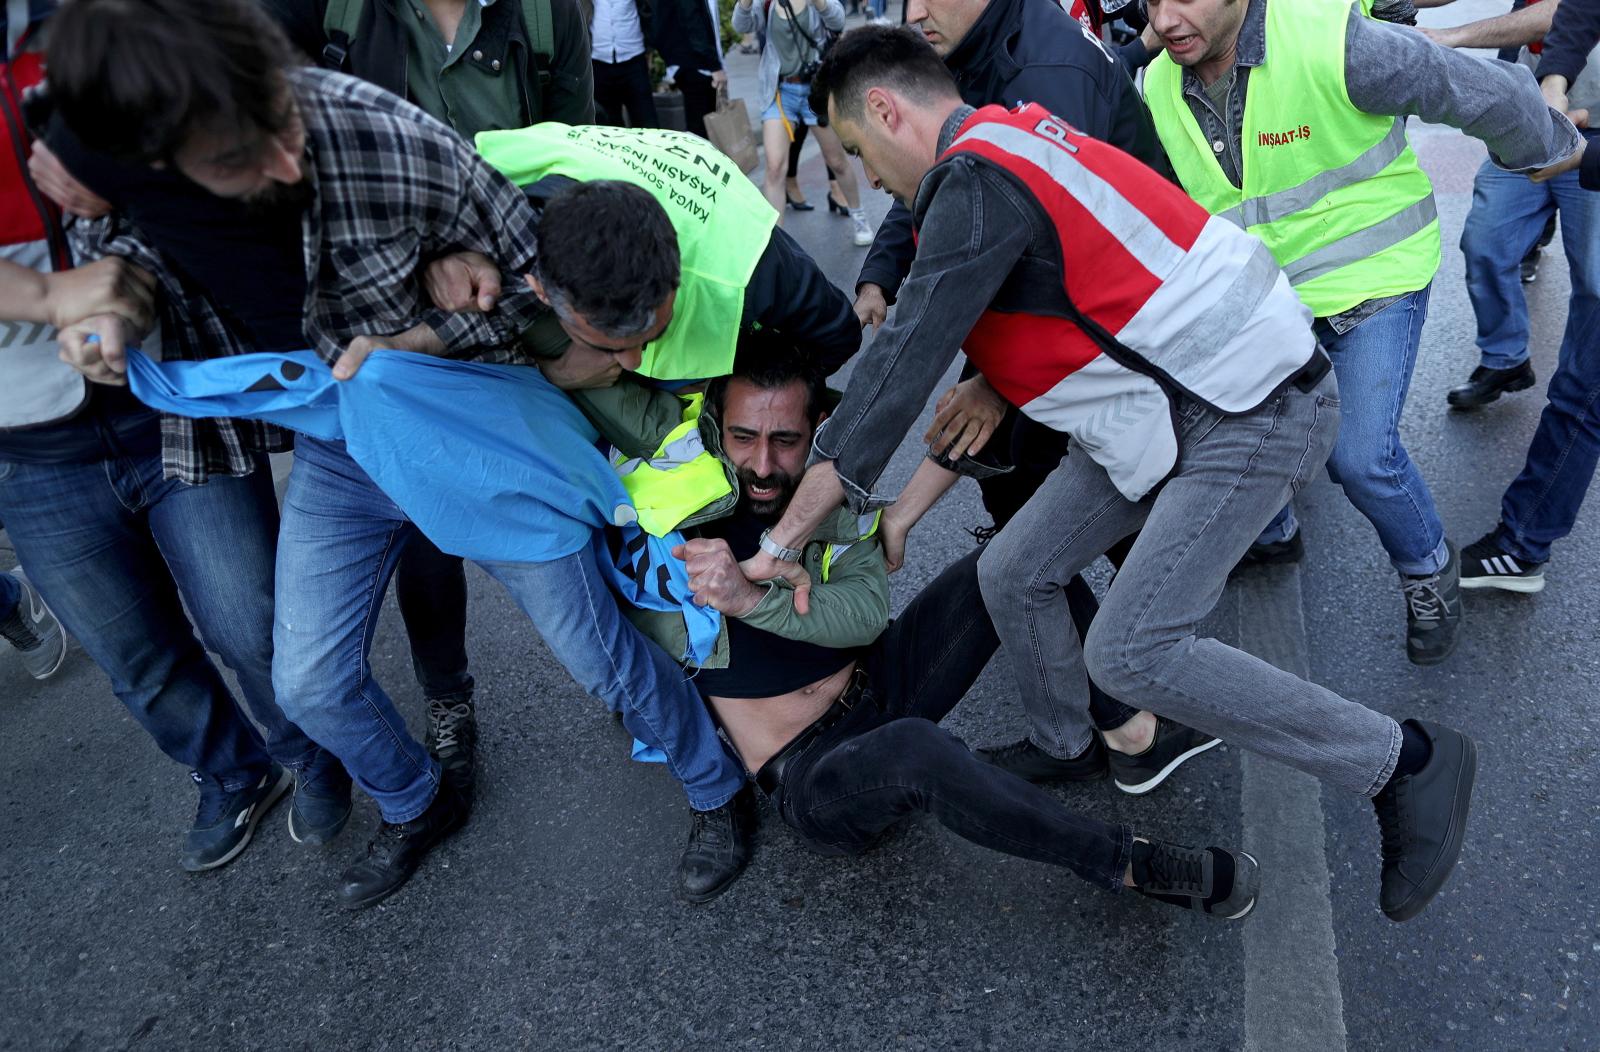 Święto Pracy w Turcji  EPA/ERDEM SAHIN